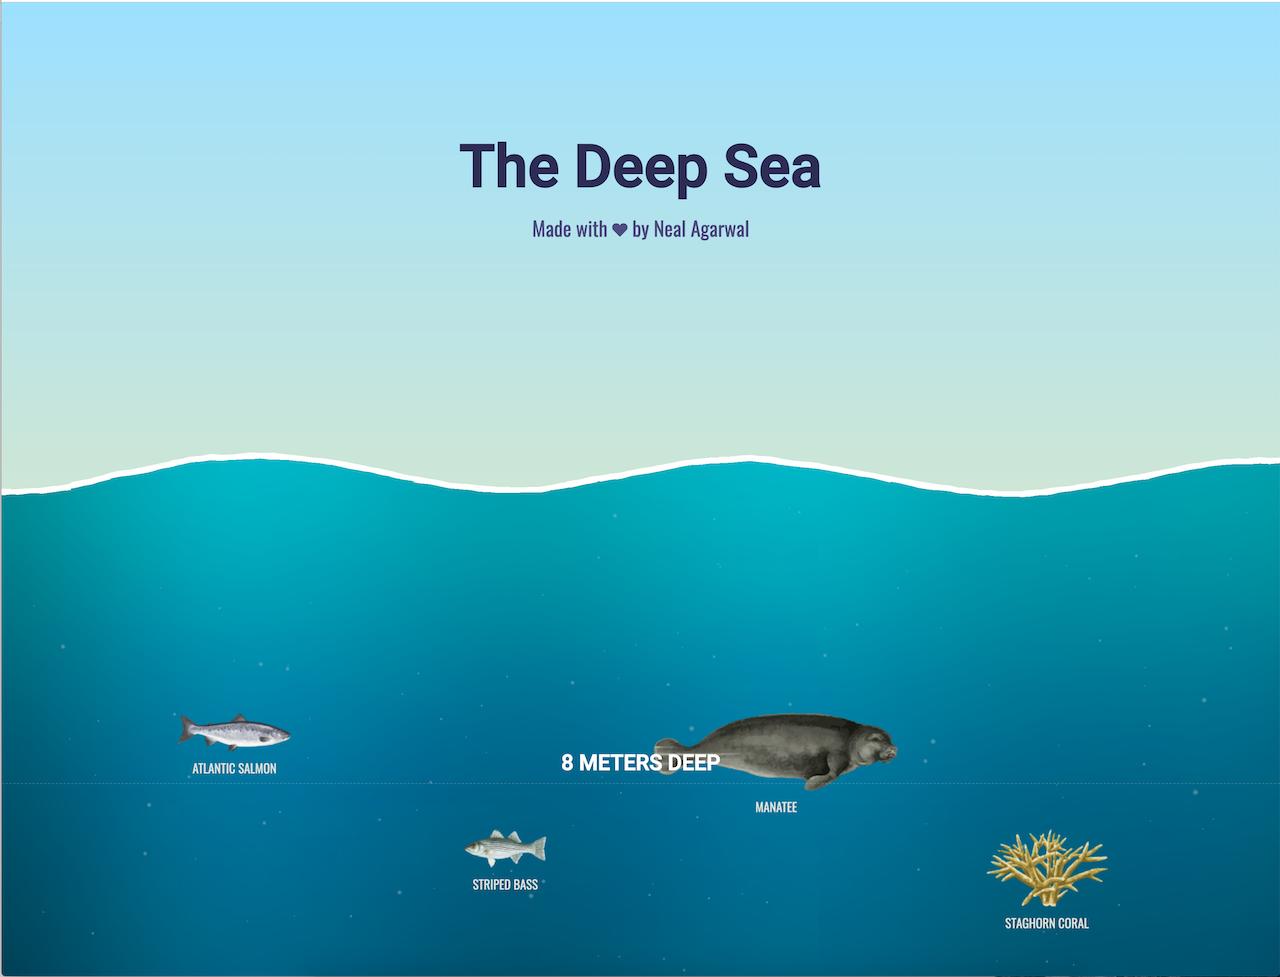 Situs melihat hewan laut, Lagi Gabut? Website Ini Bisa Menemani Saat Gabut Pastinya Bikin Terhibur + Nambah Ilmu